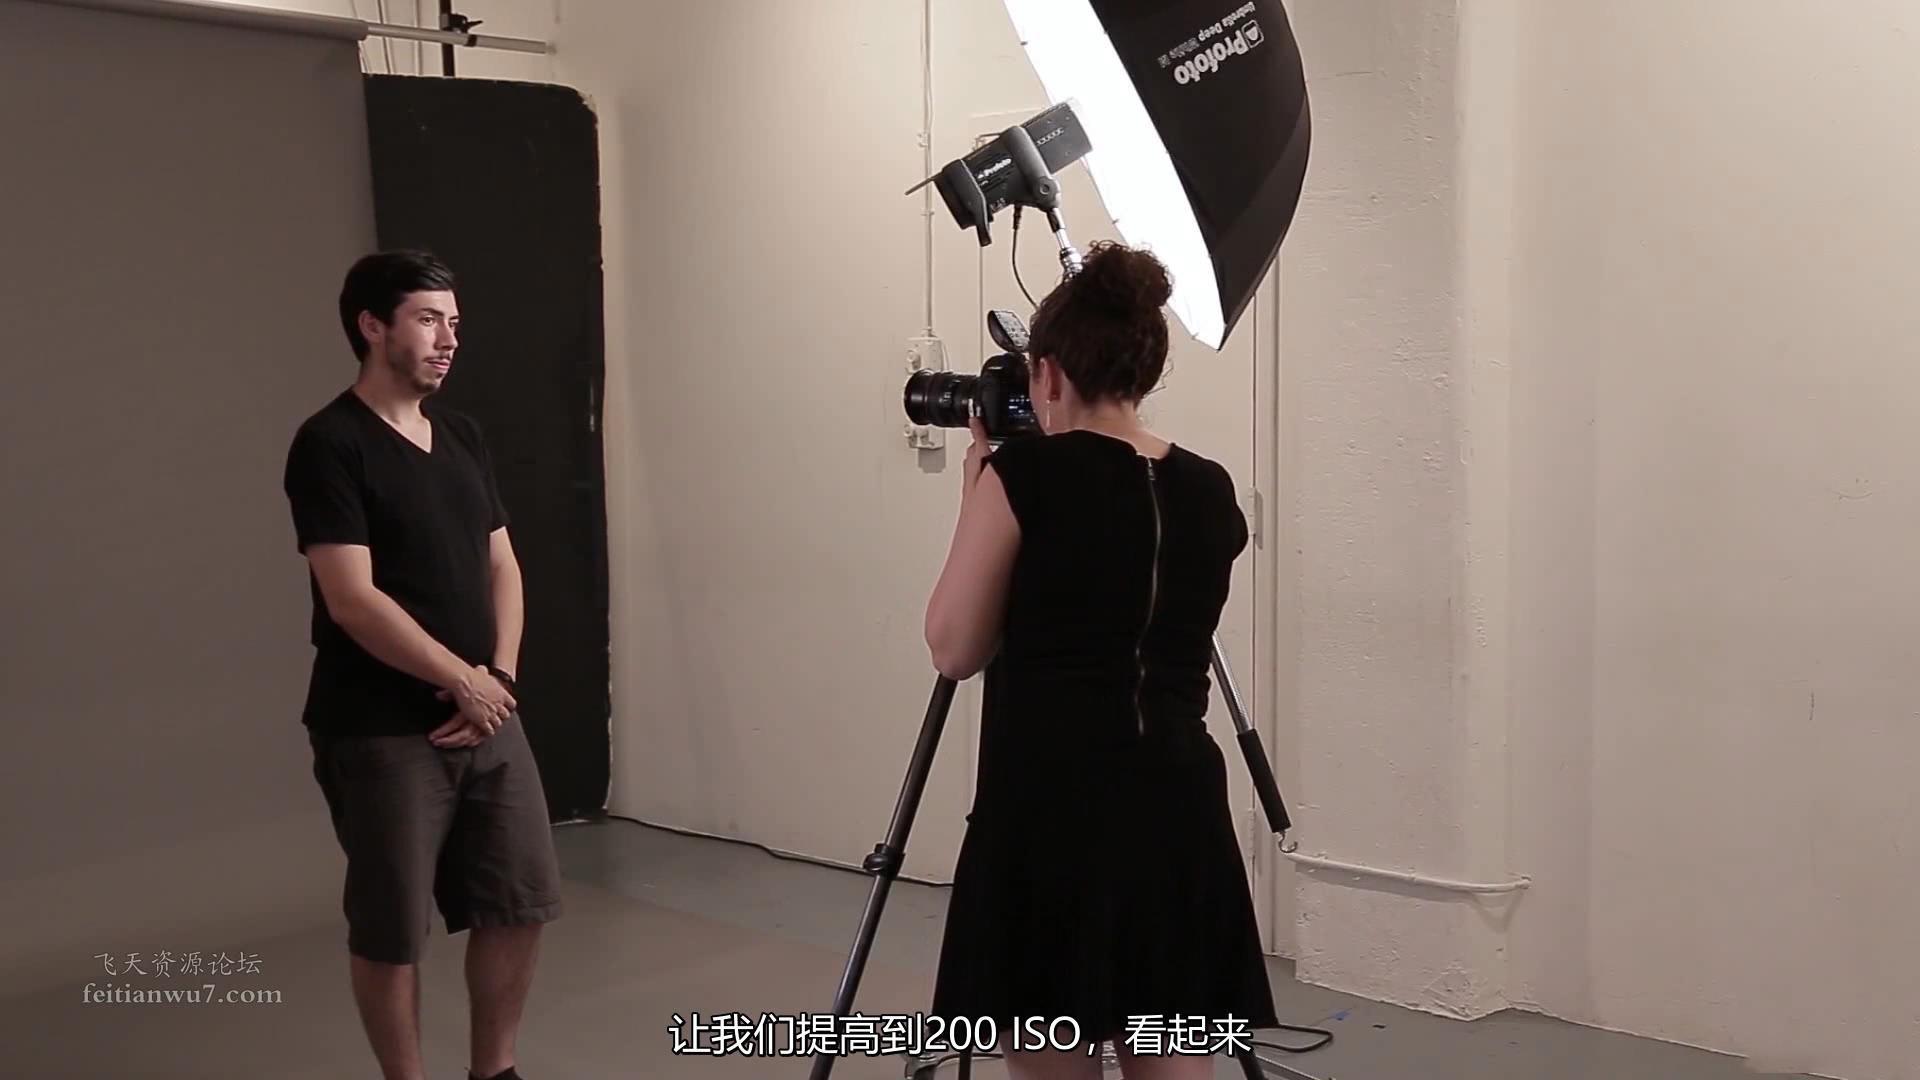 摄影教程_Lindsay Adler为期10周的工作室棚拍布光大师班教程-中文字幕 摄影教程 _预览图26